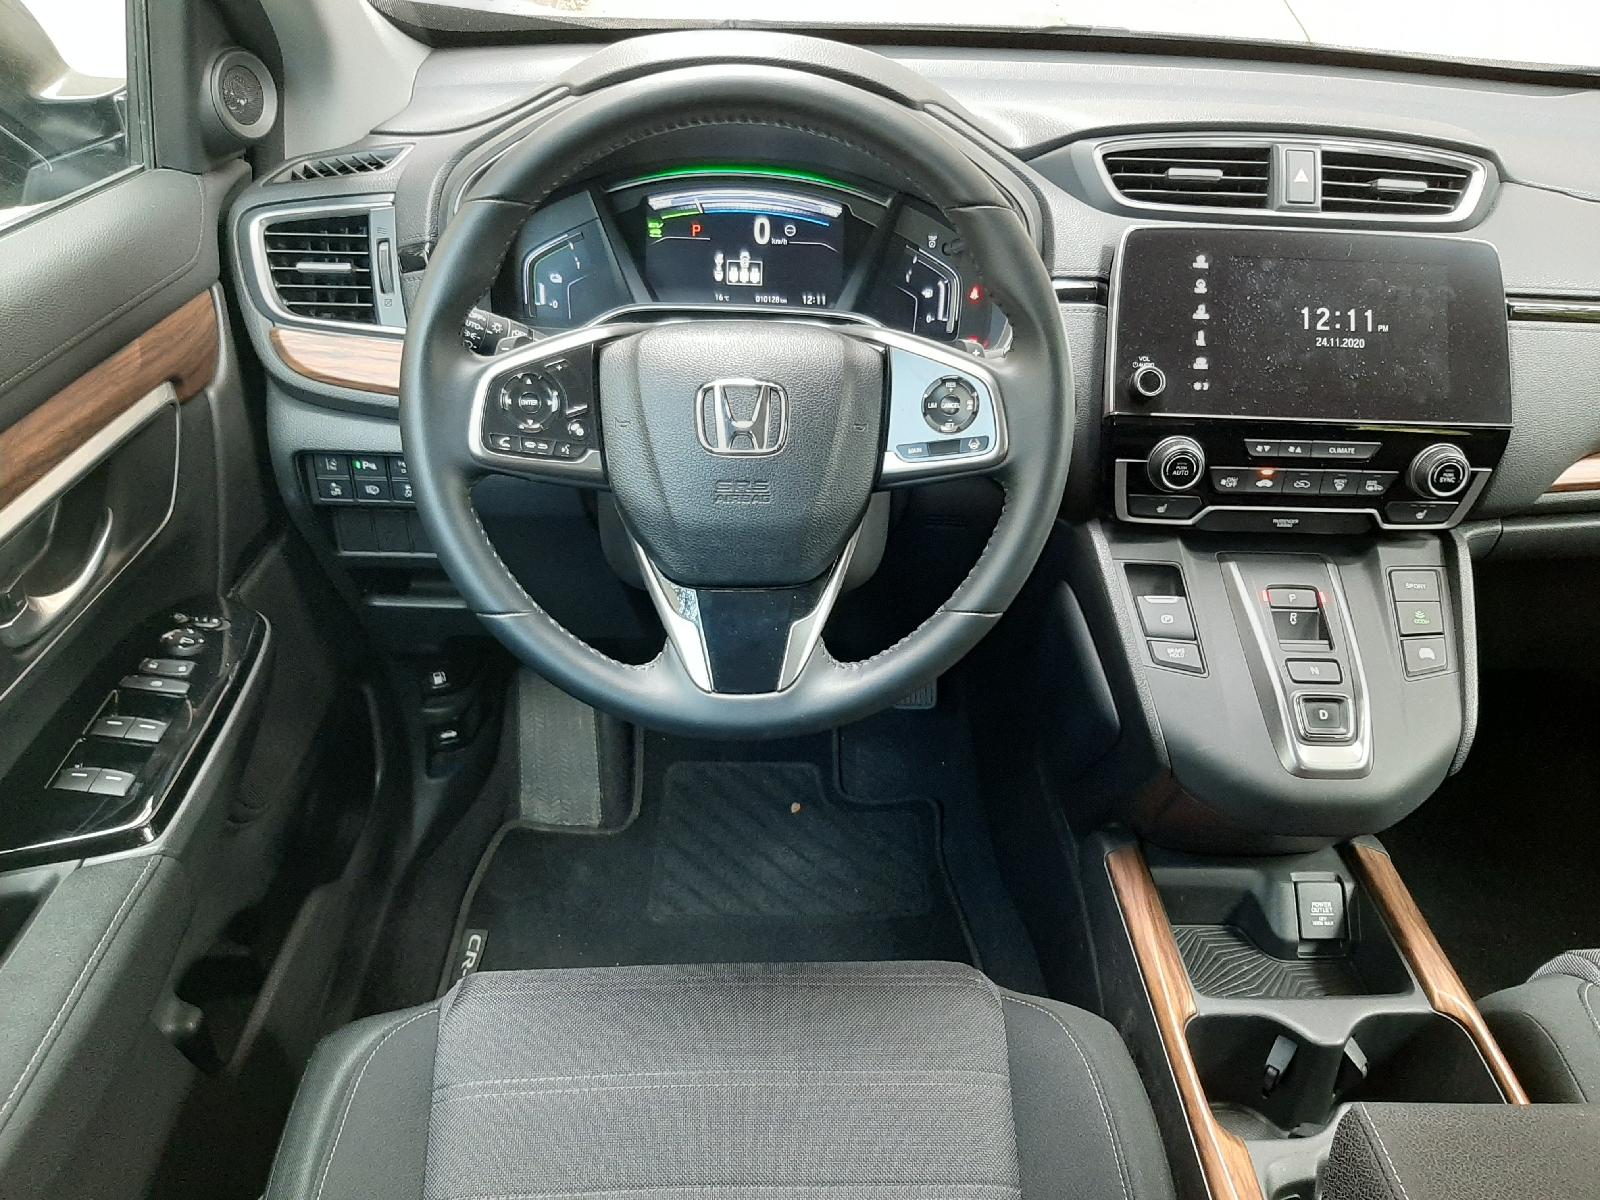 1613489988892156 6 Οδηγούμε το Honda CR-V Hybrid Honda, Honda CR-V, TEST, ΔΟΚΙΜΕΣ, οδηγούμε